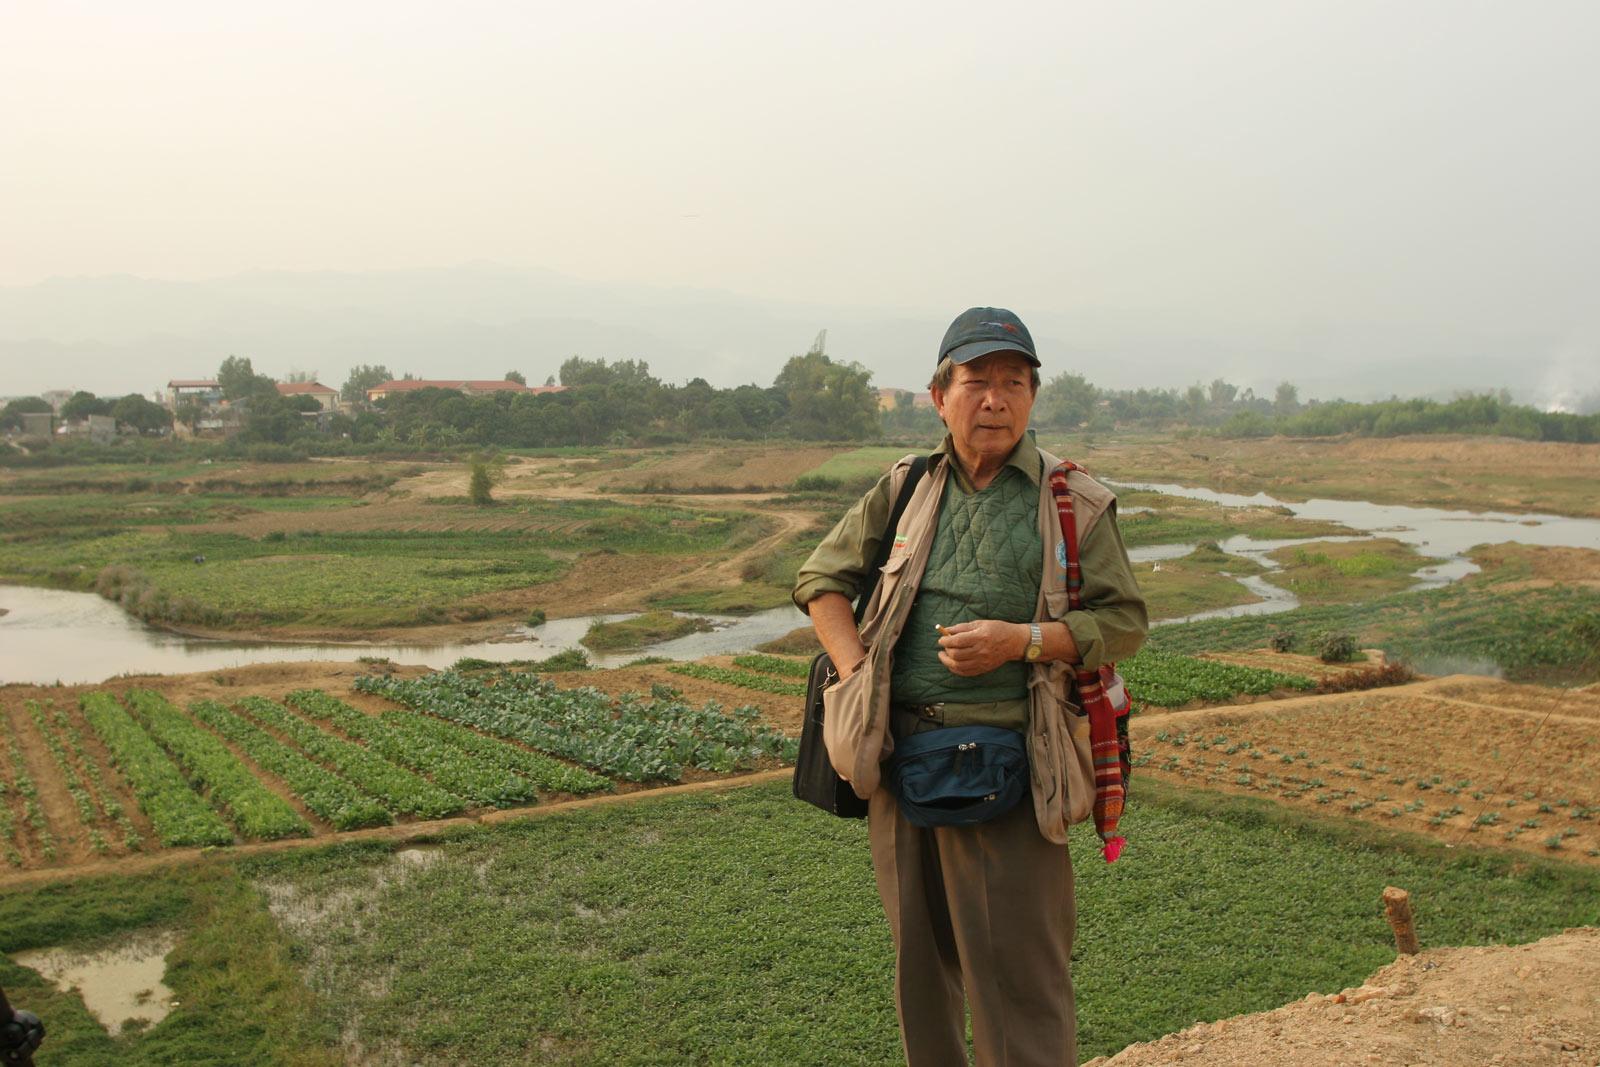 Tam in 2012, on a return trip to Dien Bien Phu